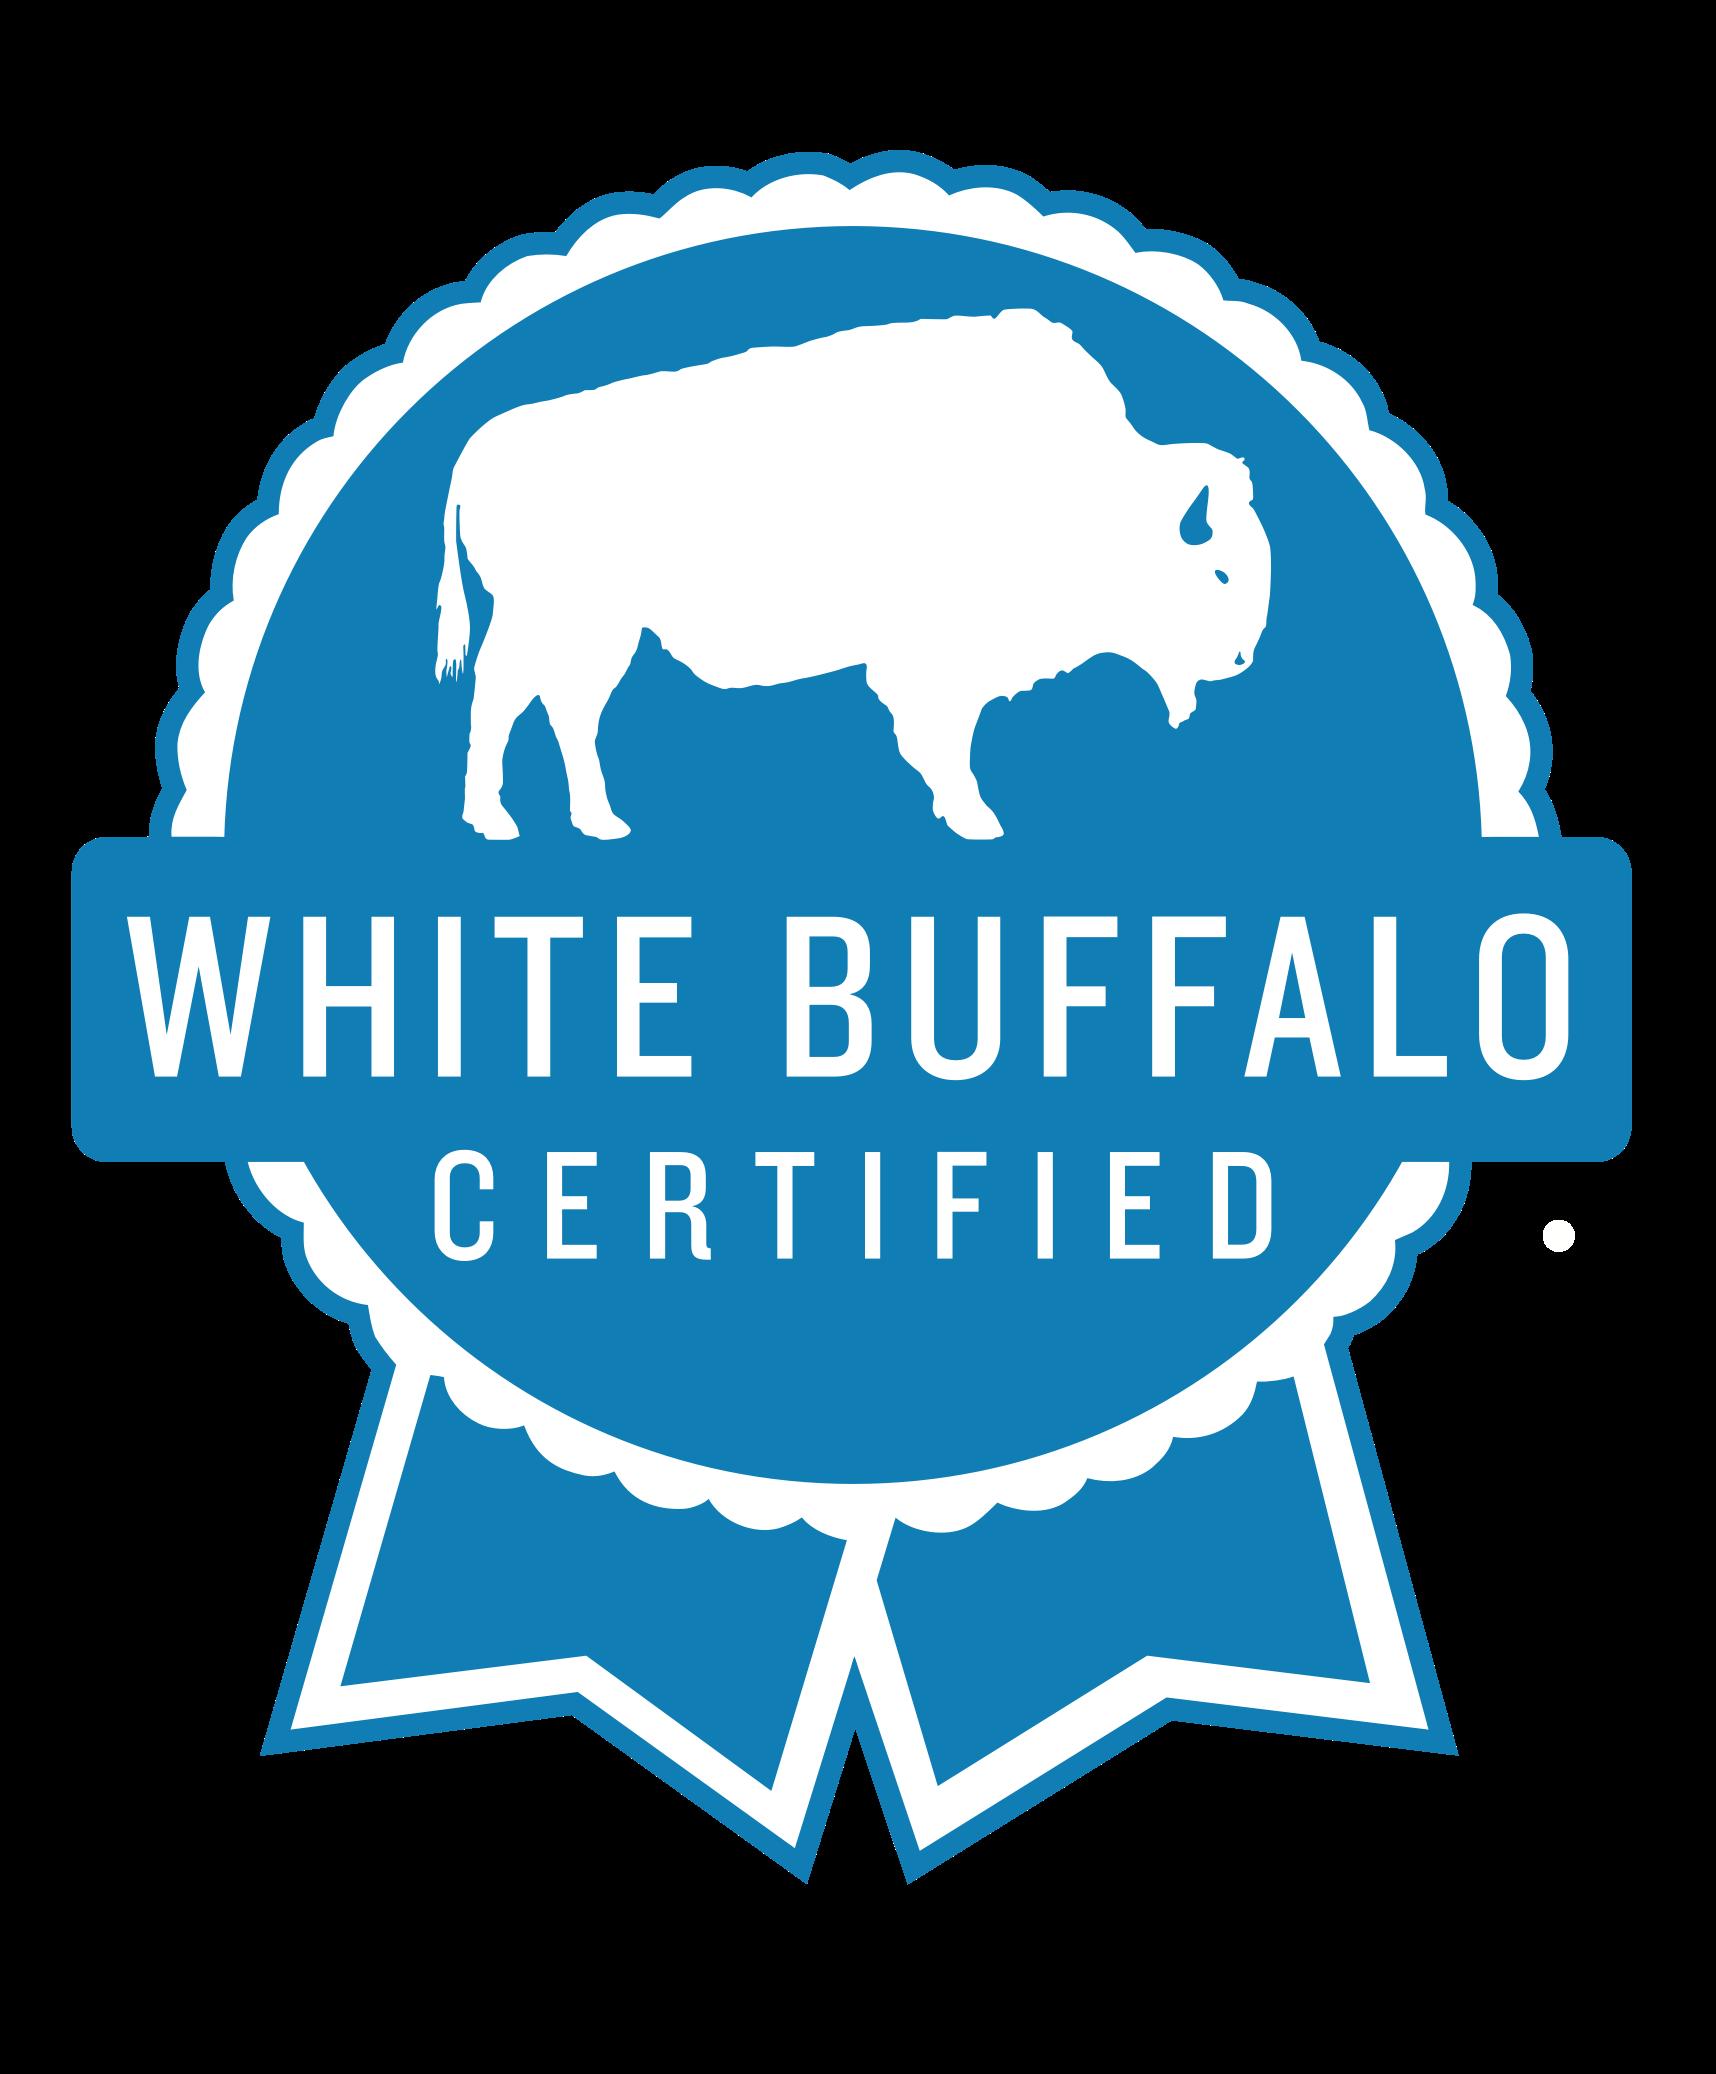 White Buffalo Certified